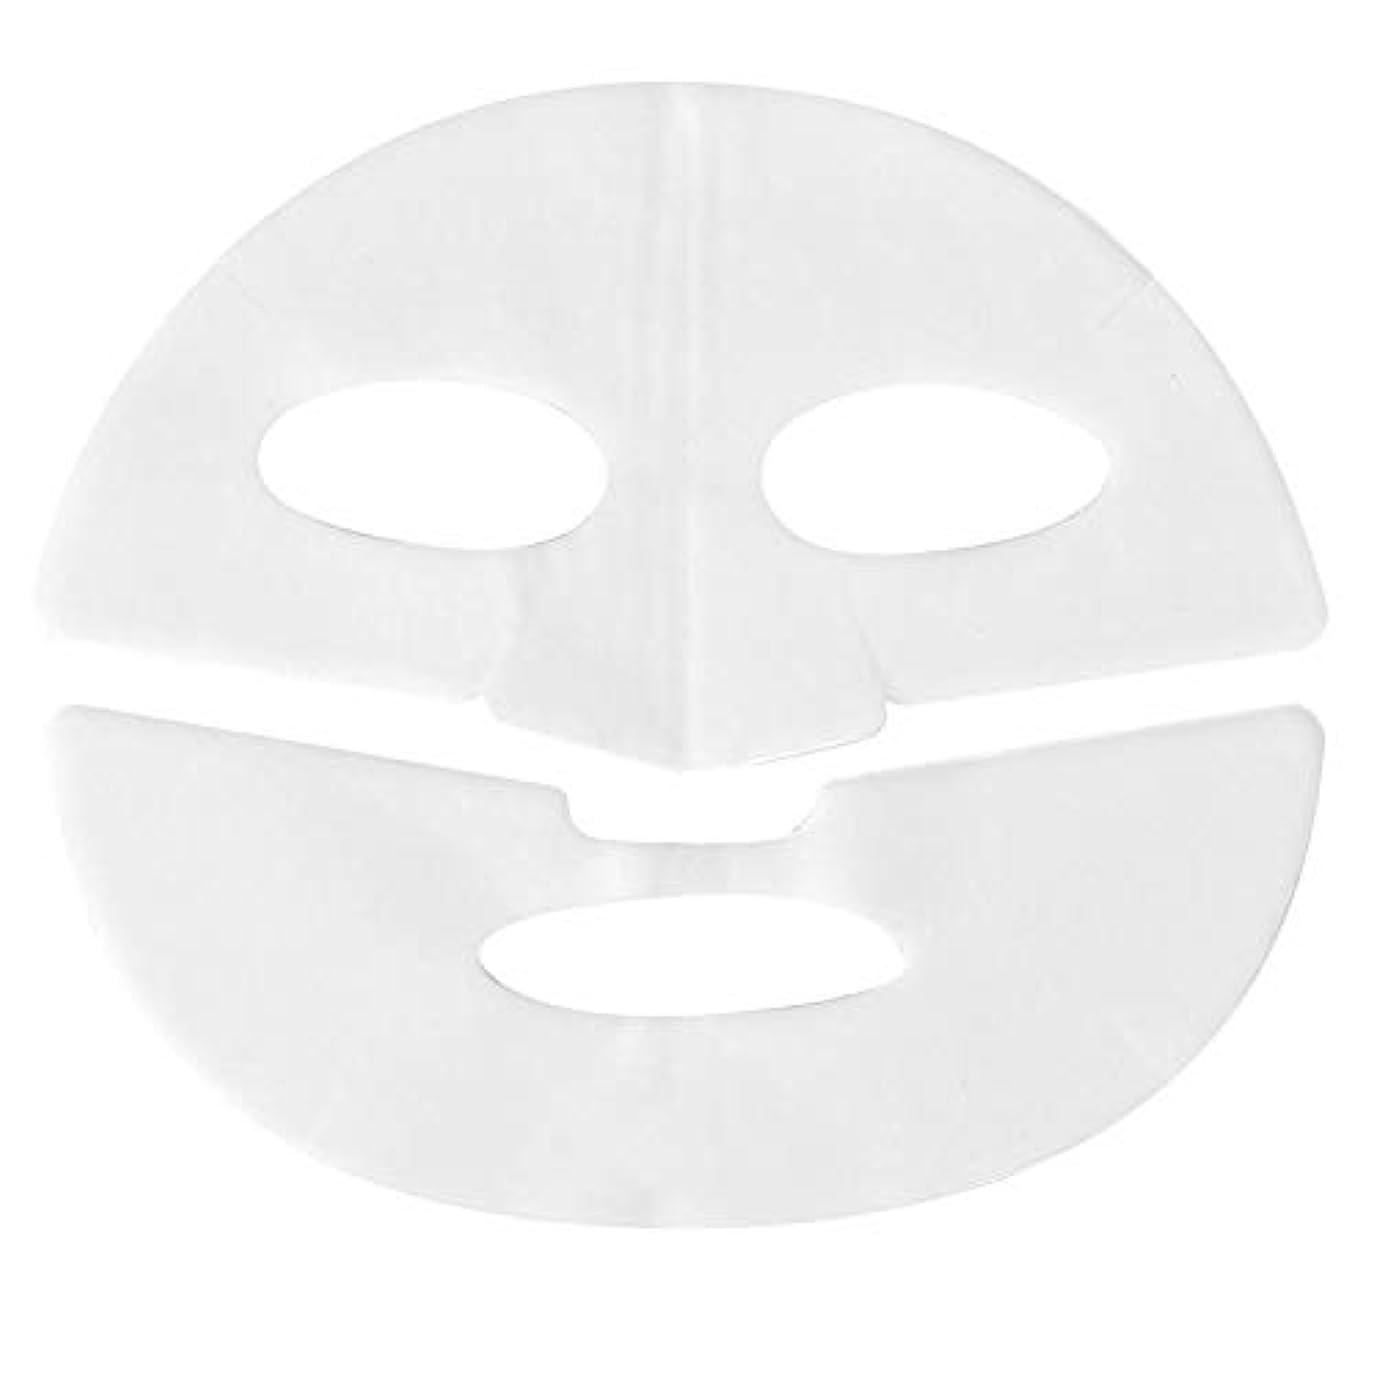 湿度ブースト火薬10 PCS痩身マスク - 水分補給用V字型マスク、保湿マスク - 首とあごのリフト、アンチエイジング、しわを軽減